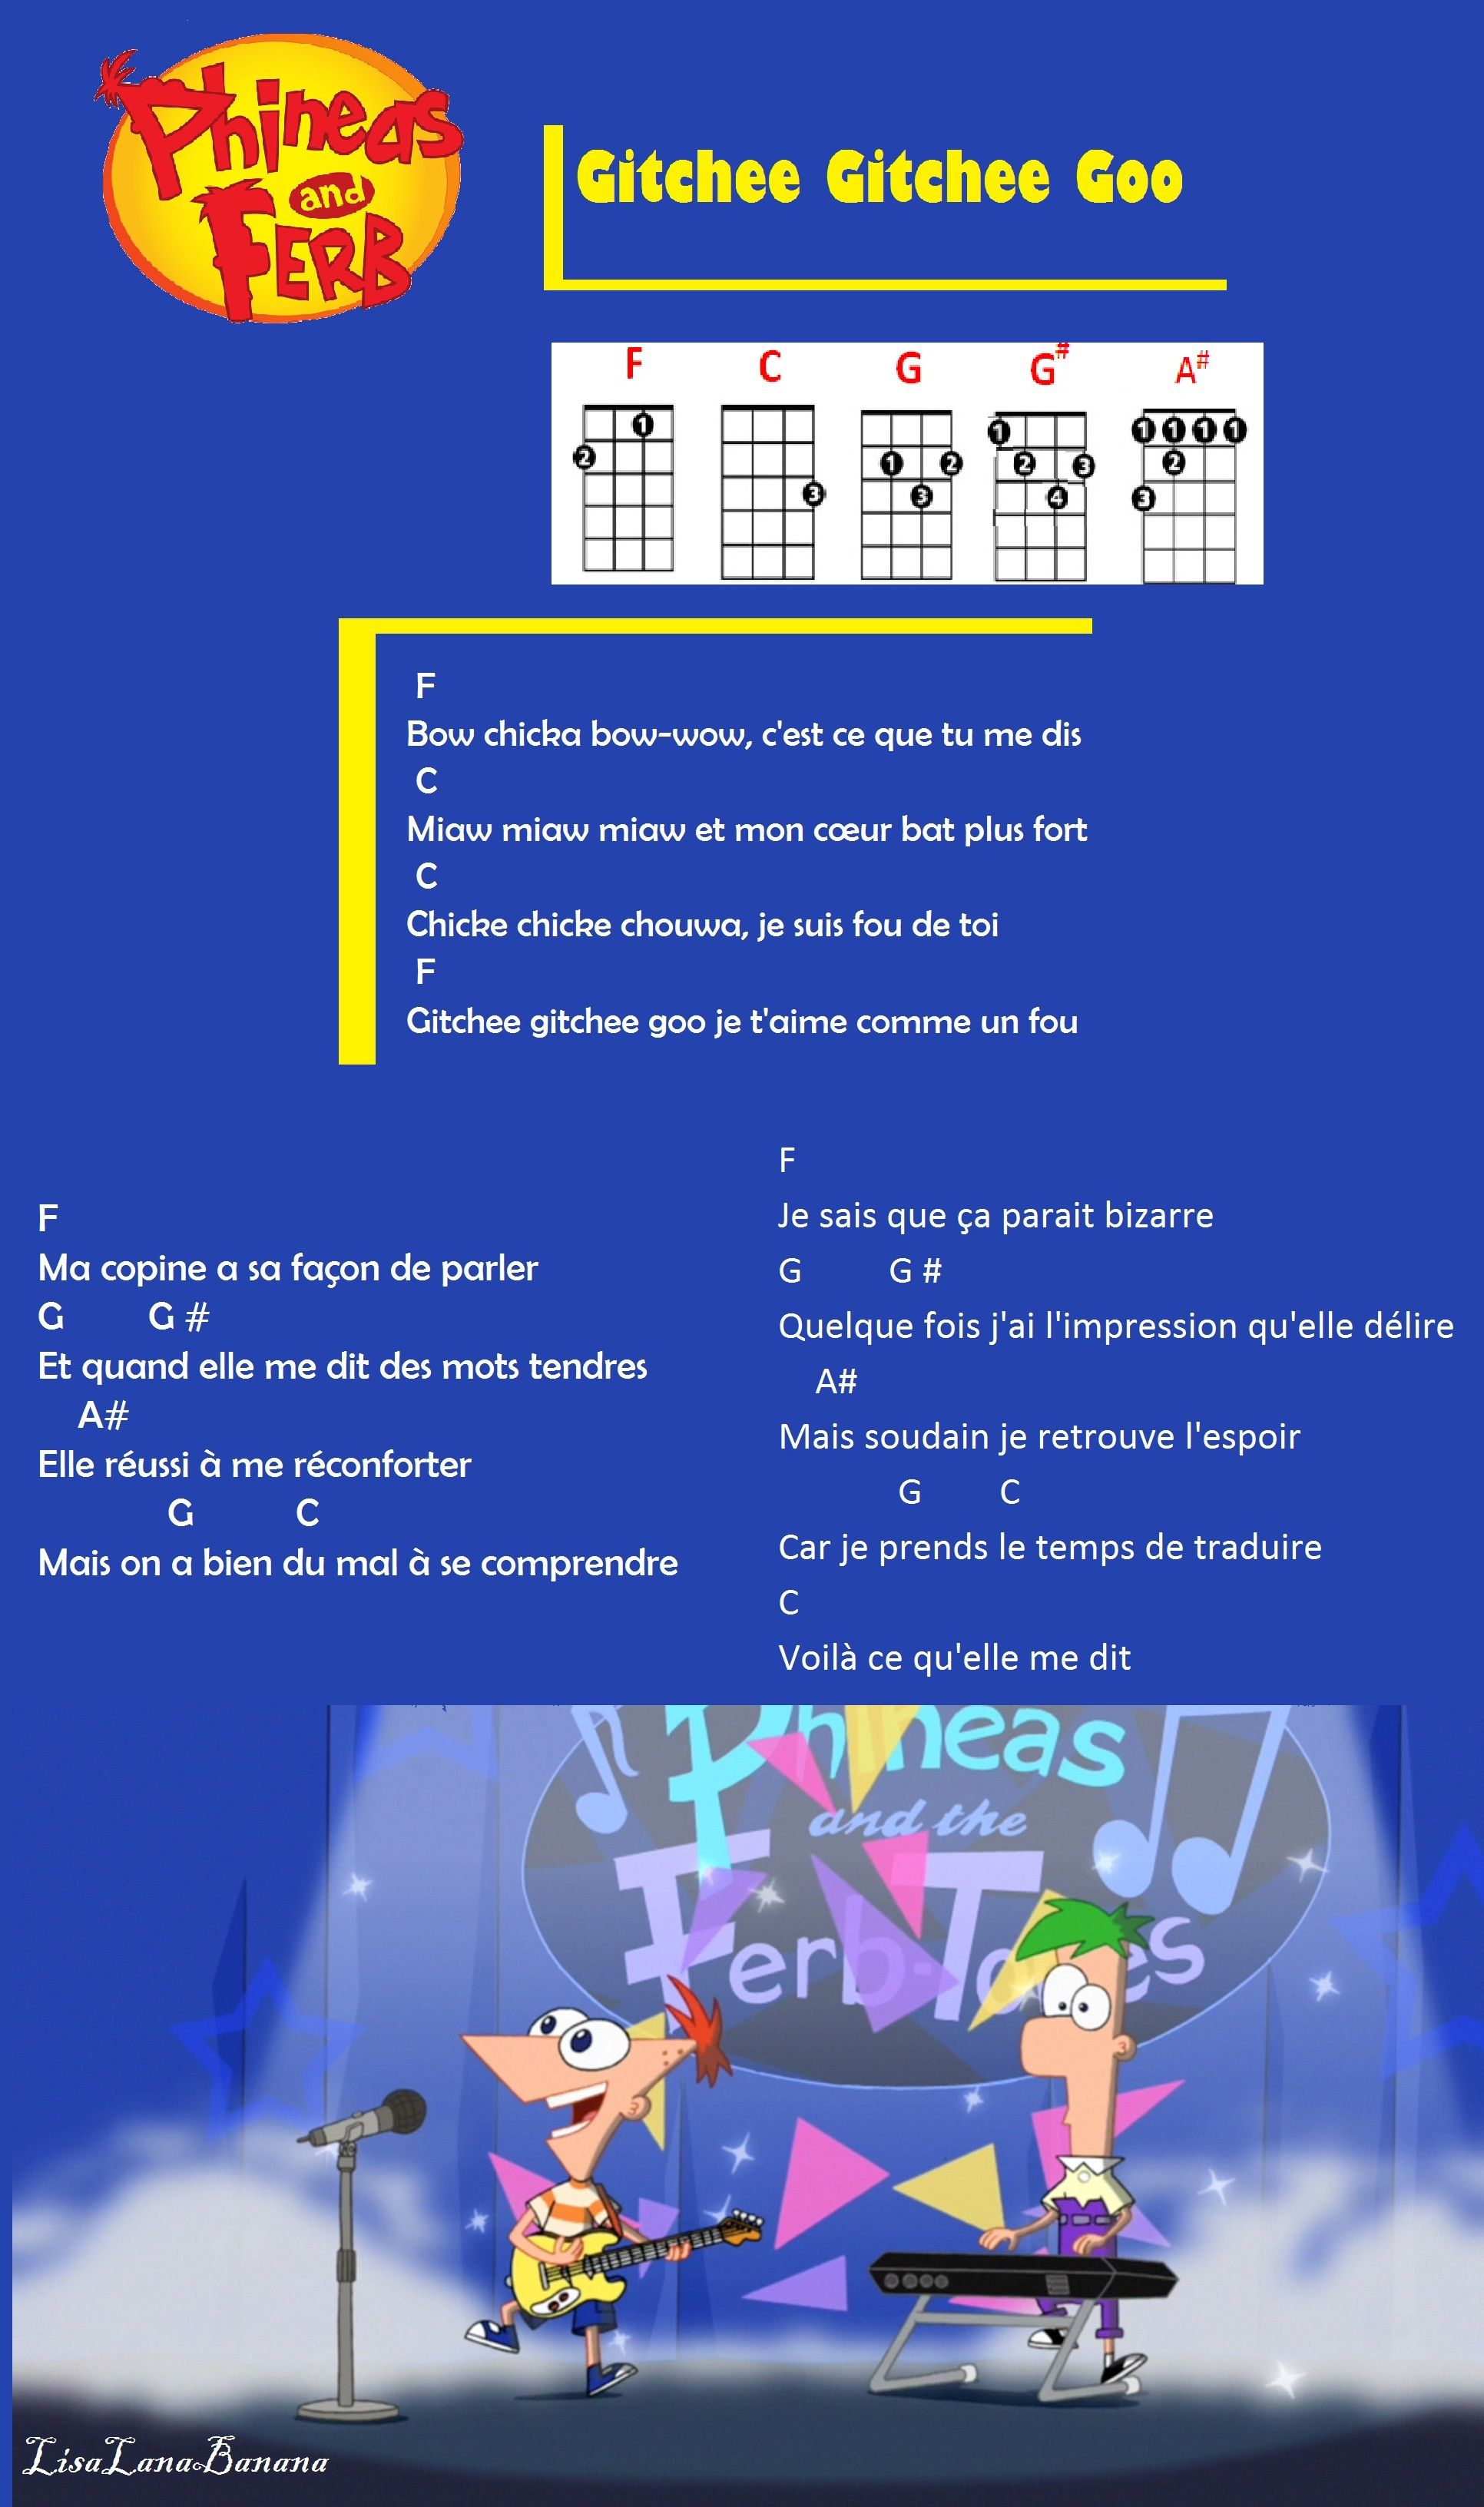 Tablature Ukulélé Phineas Et Ferb De Disney Gitchee Gitchee Goo Je T Aime Comme Un Fou Phineas And Ferb Ukulele Chords Ukelele